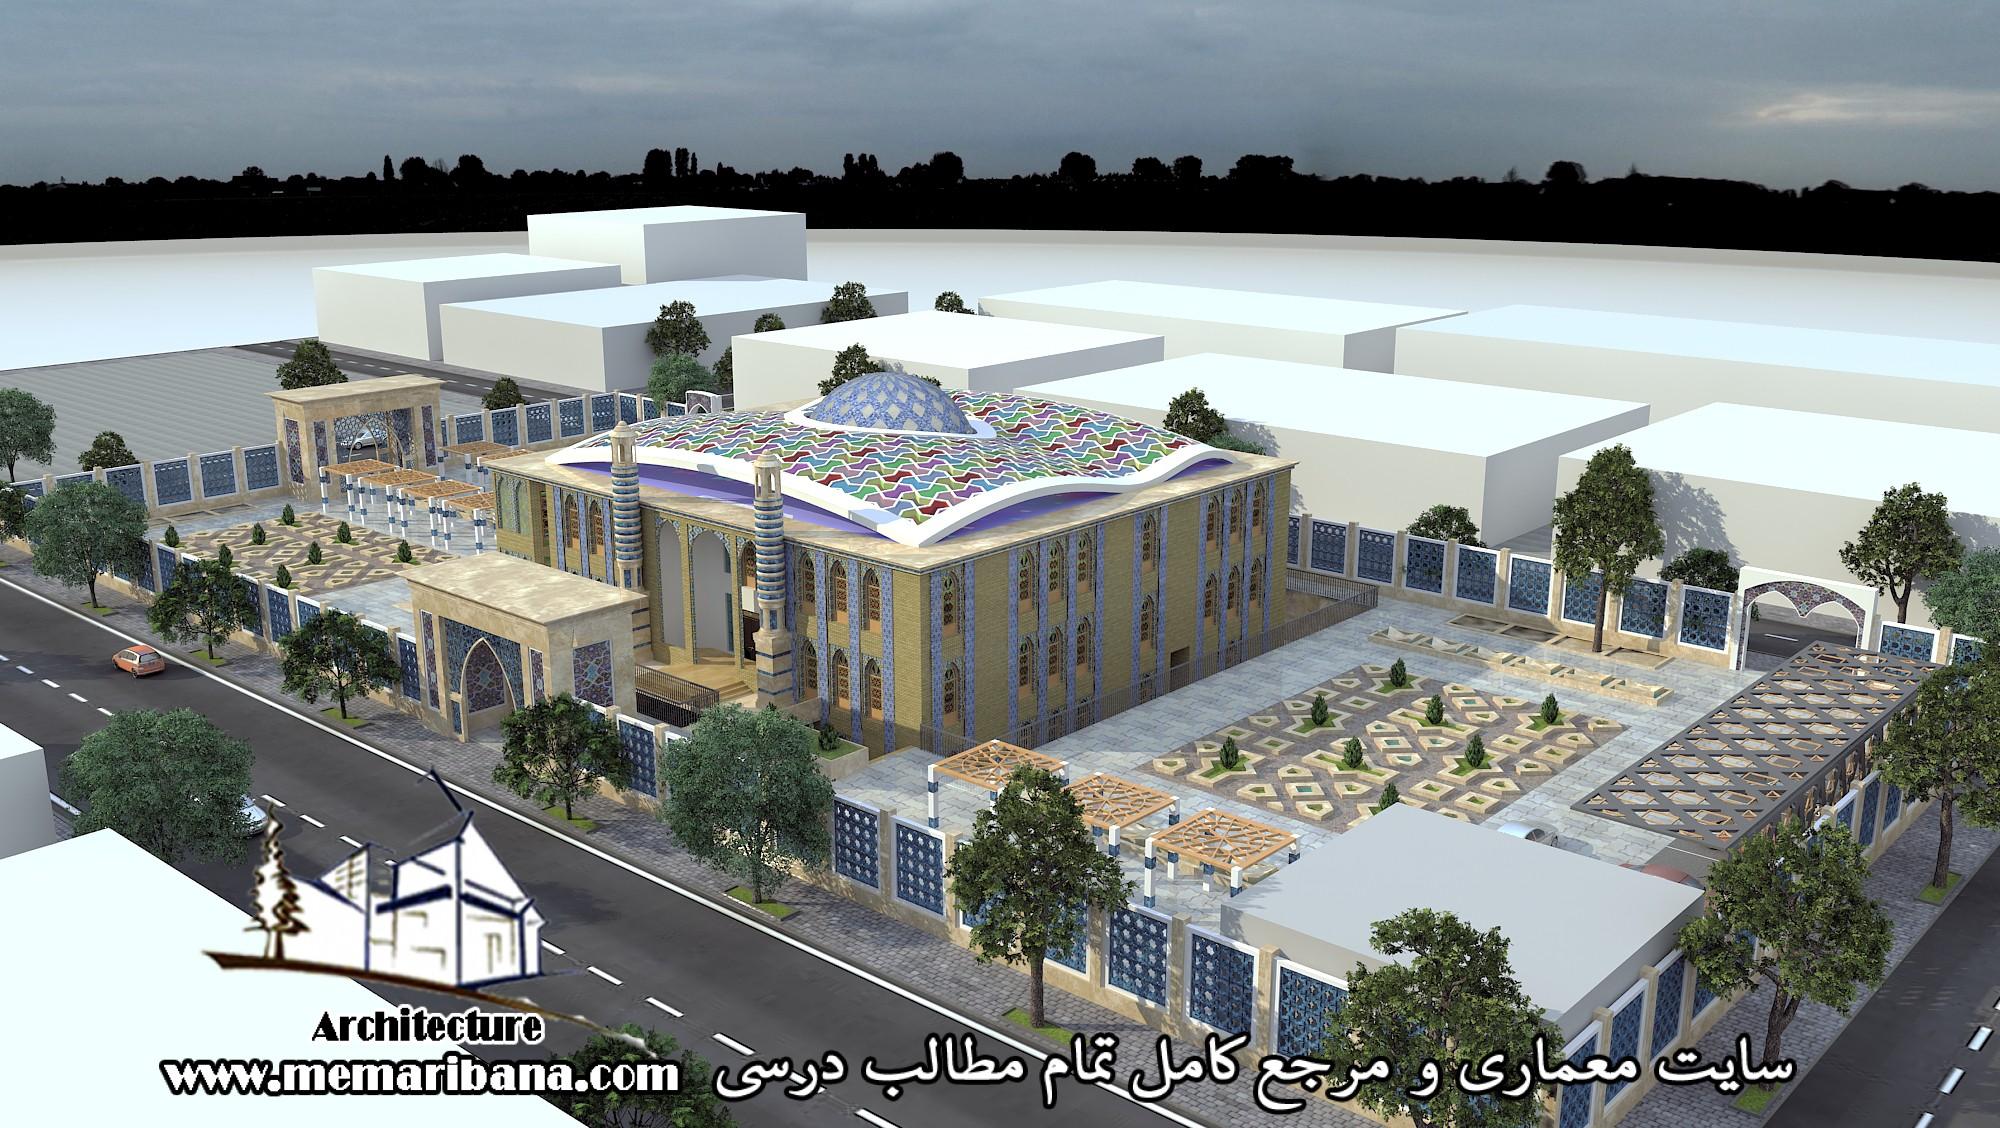 دانلود پروژه کامل مسجد همراه با ( کد , تری دی , رندر , شیت , psd )